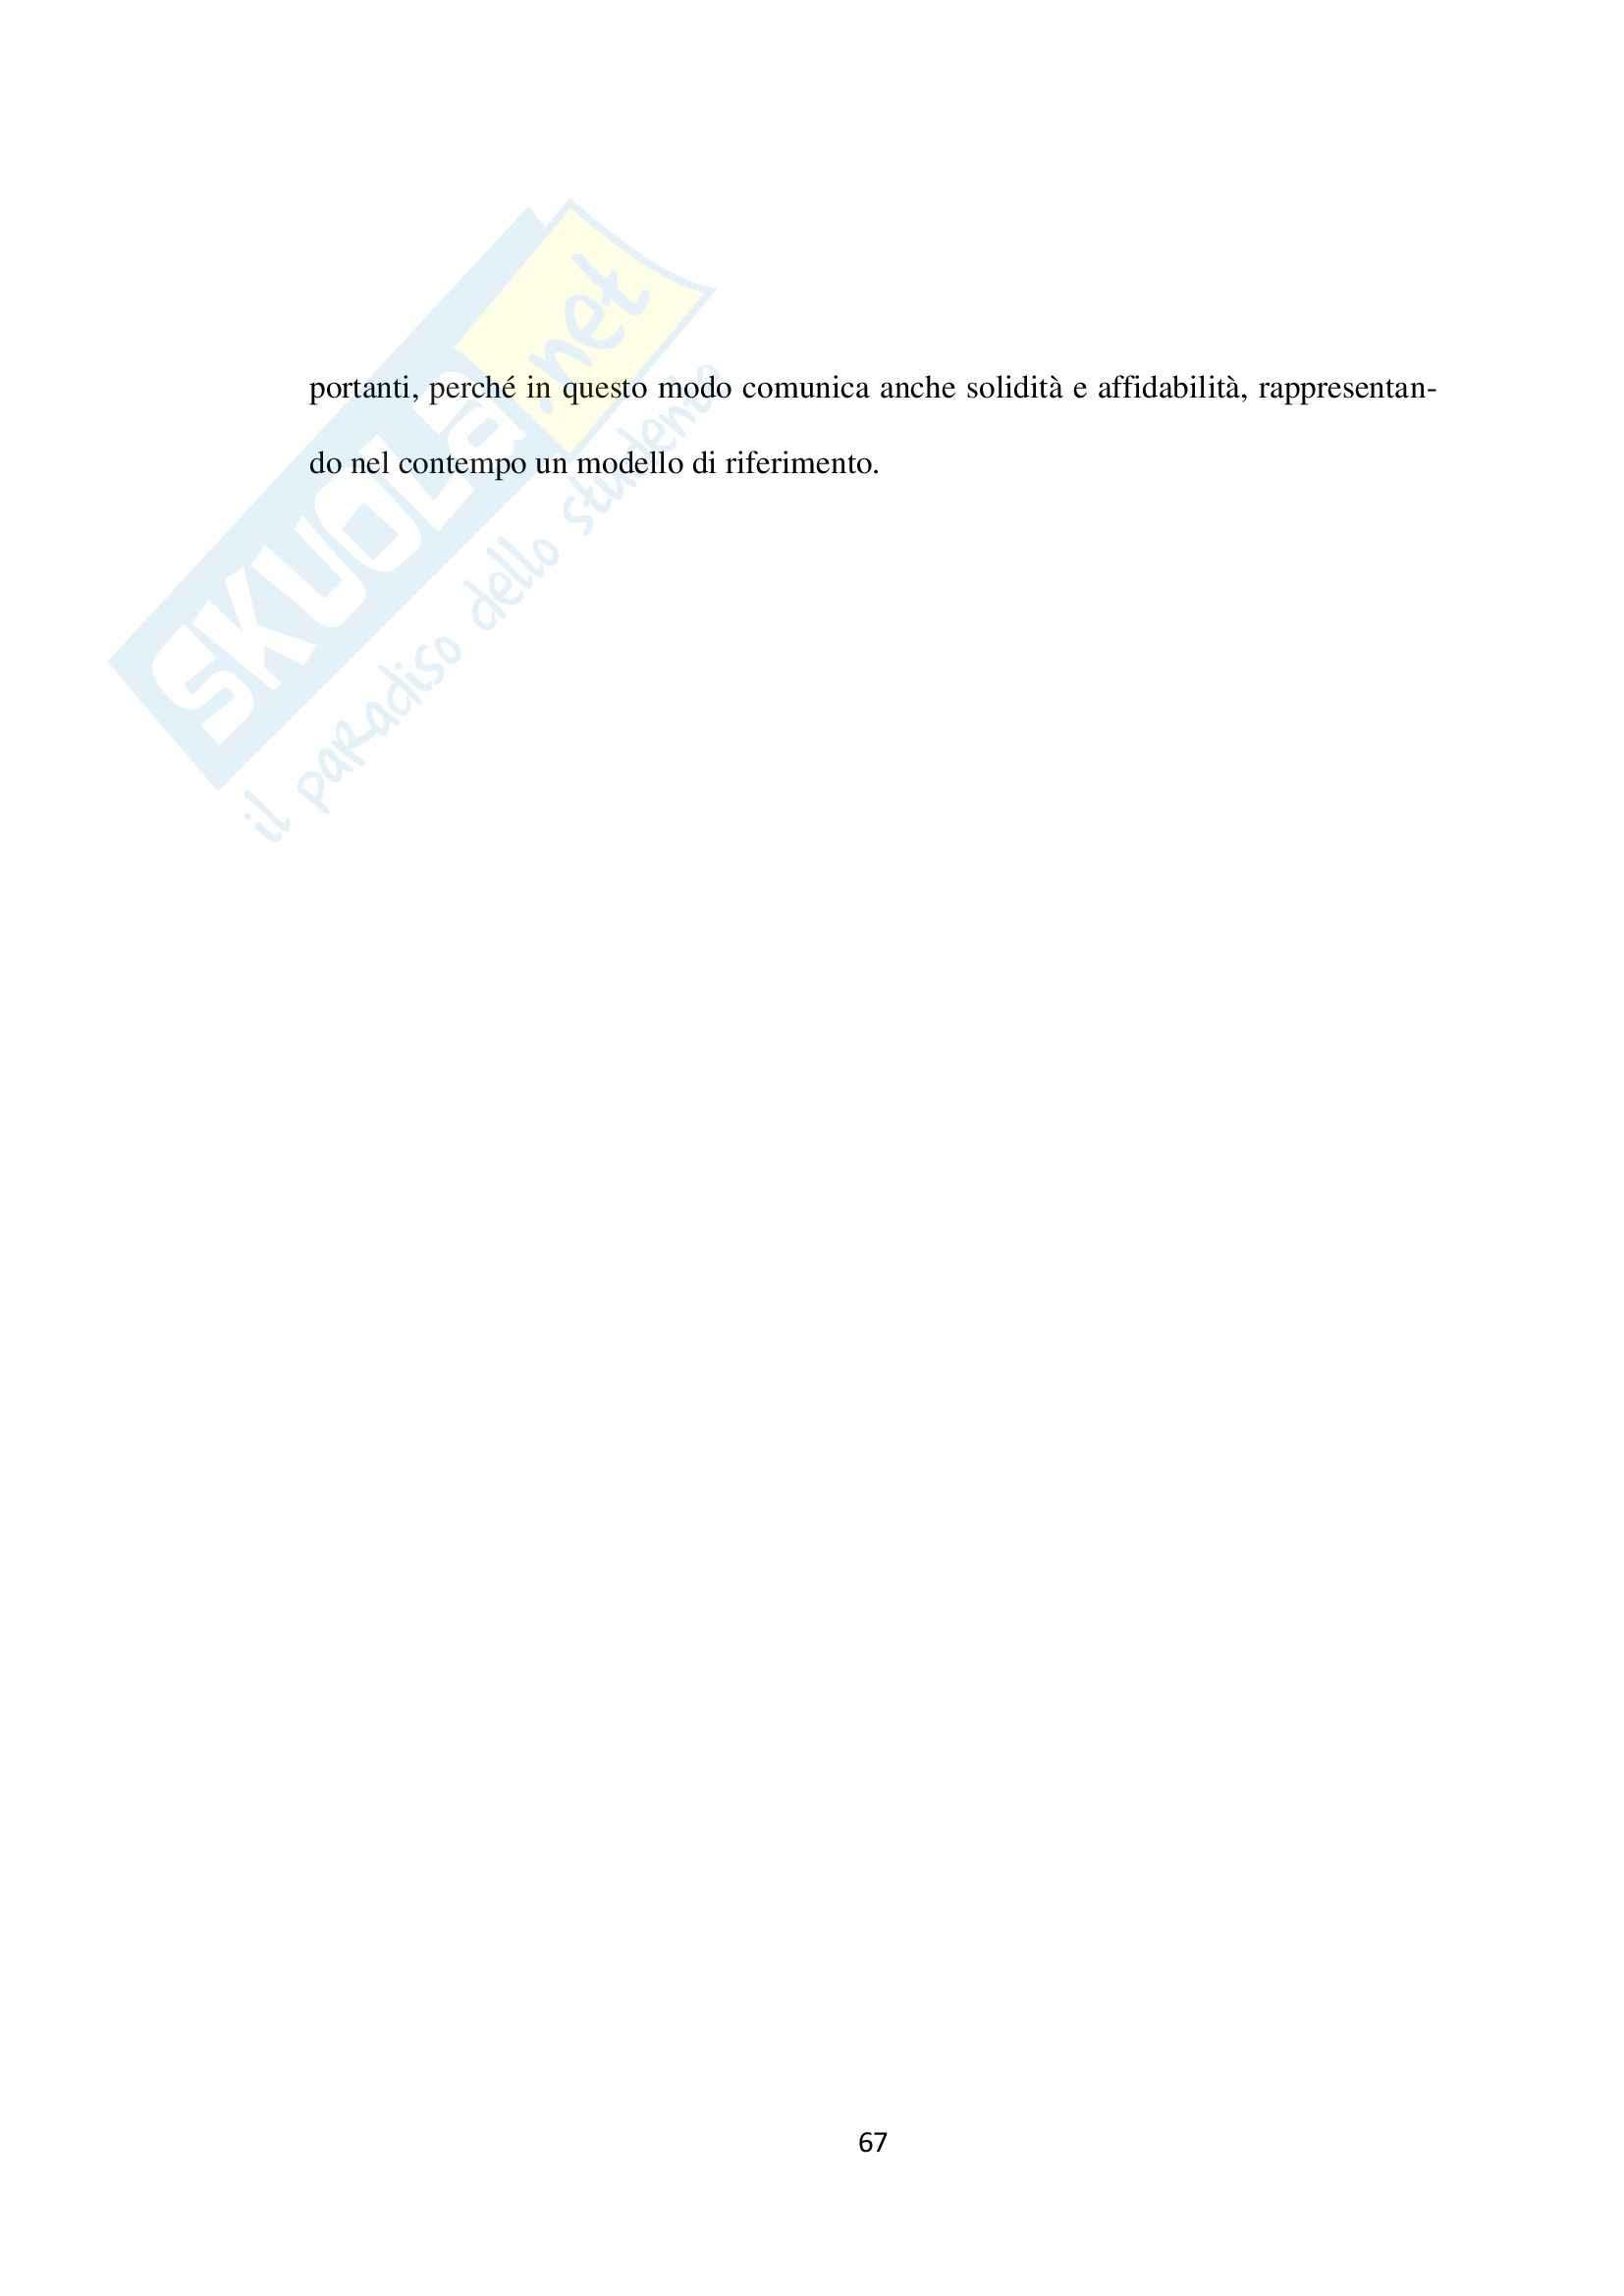 Tesi - L'accesso ai Servizi Sanitari da parte degli stranieri: criticità e prospettive Pag. 71